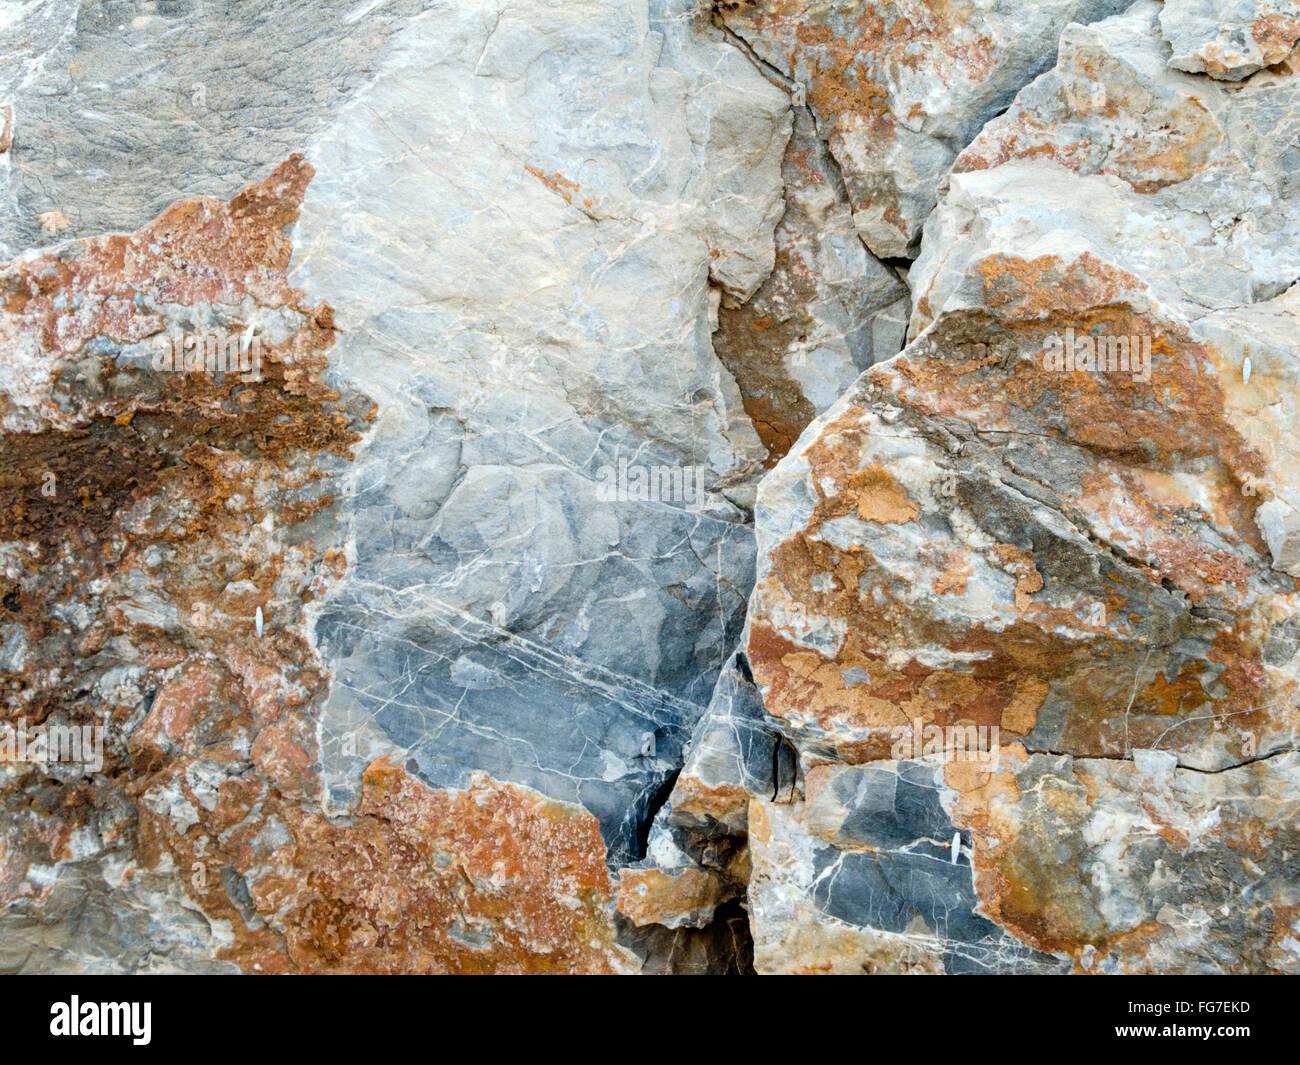 Griechenland, Kreta, bei Chersonissos, Gestein - Stock Image